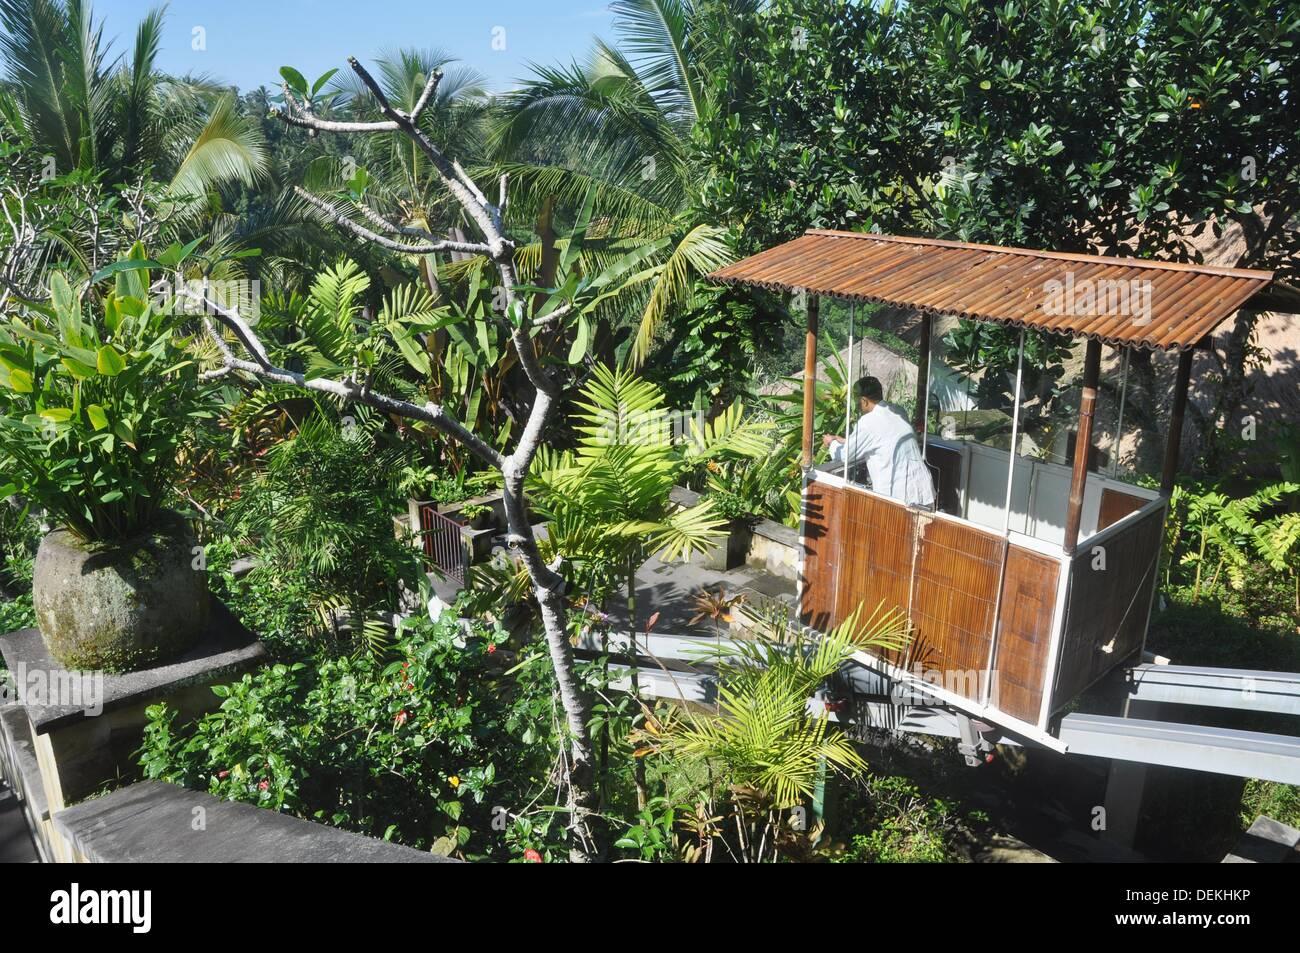 near Ubud (Bali, Indonesia): the New Zealander funicular at the Ubud Hanging Gardens Hotel - Stock Image